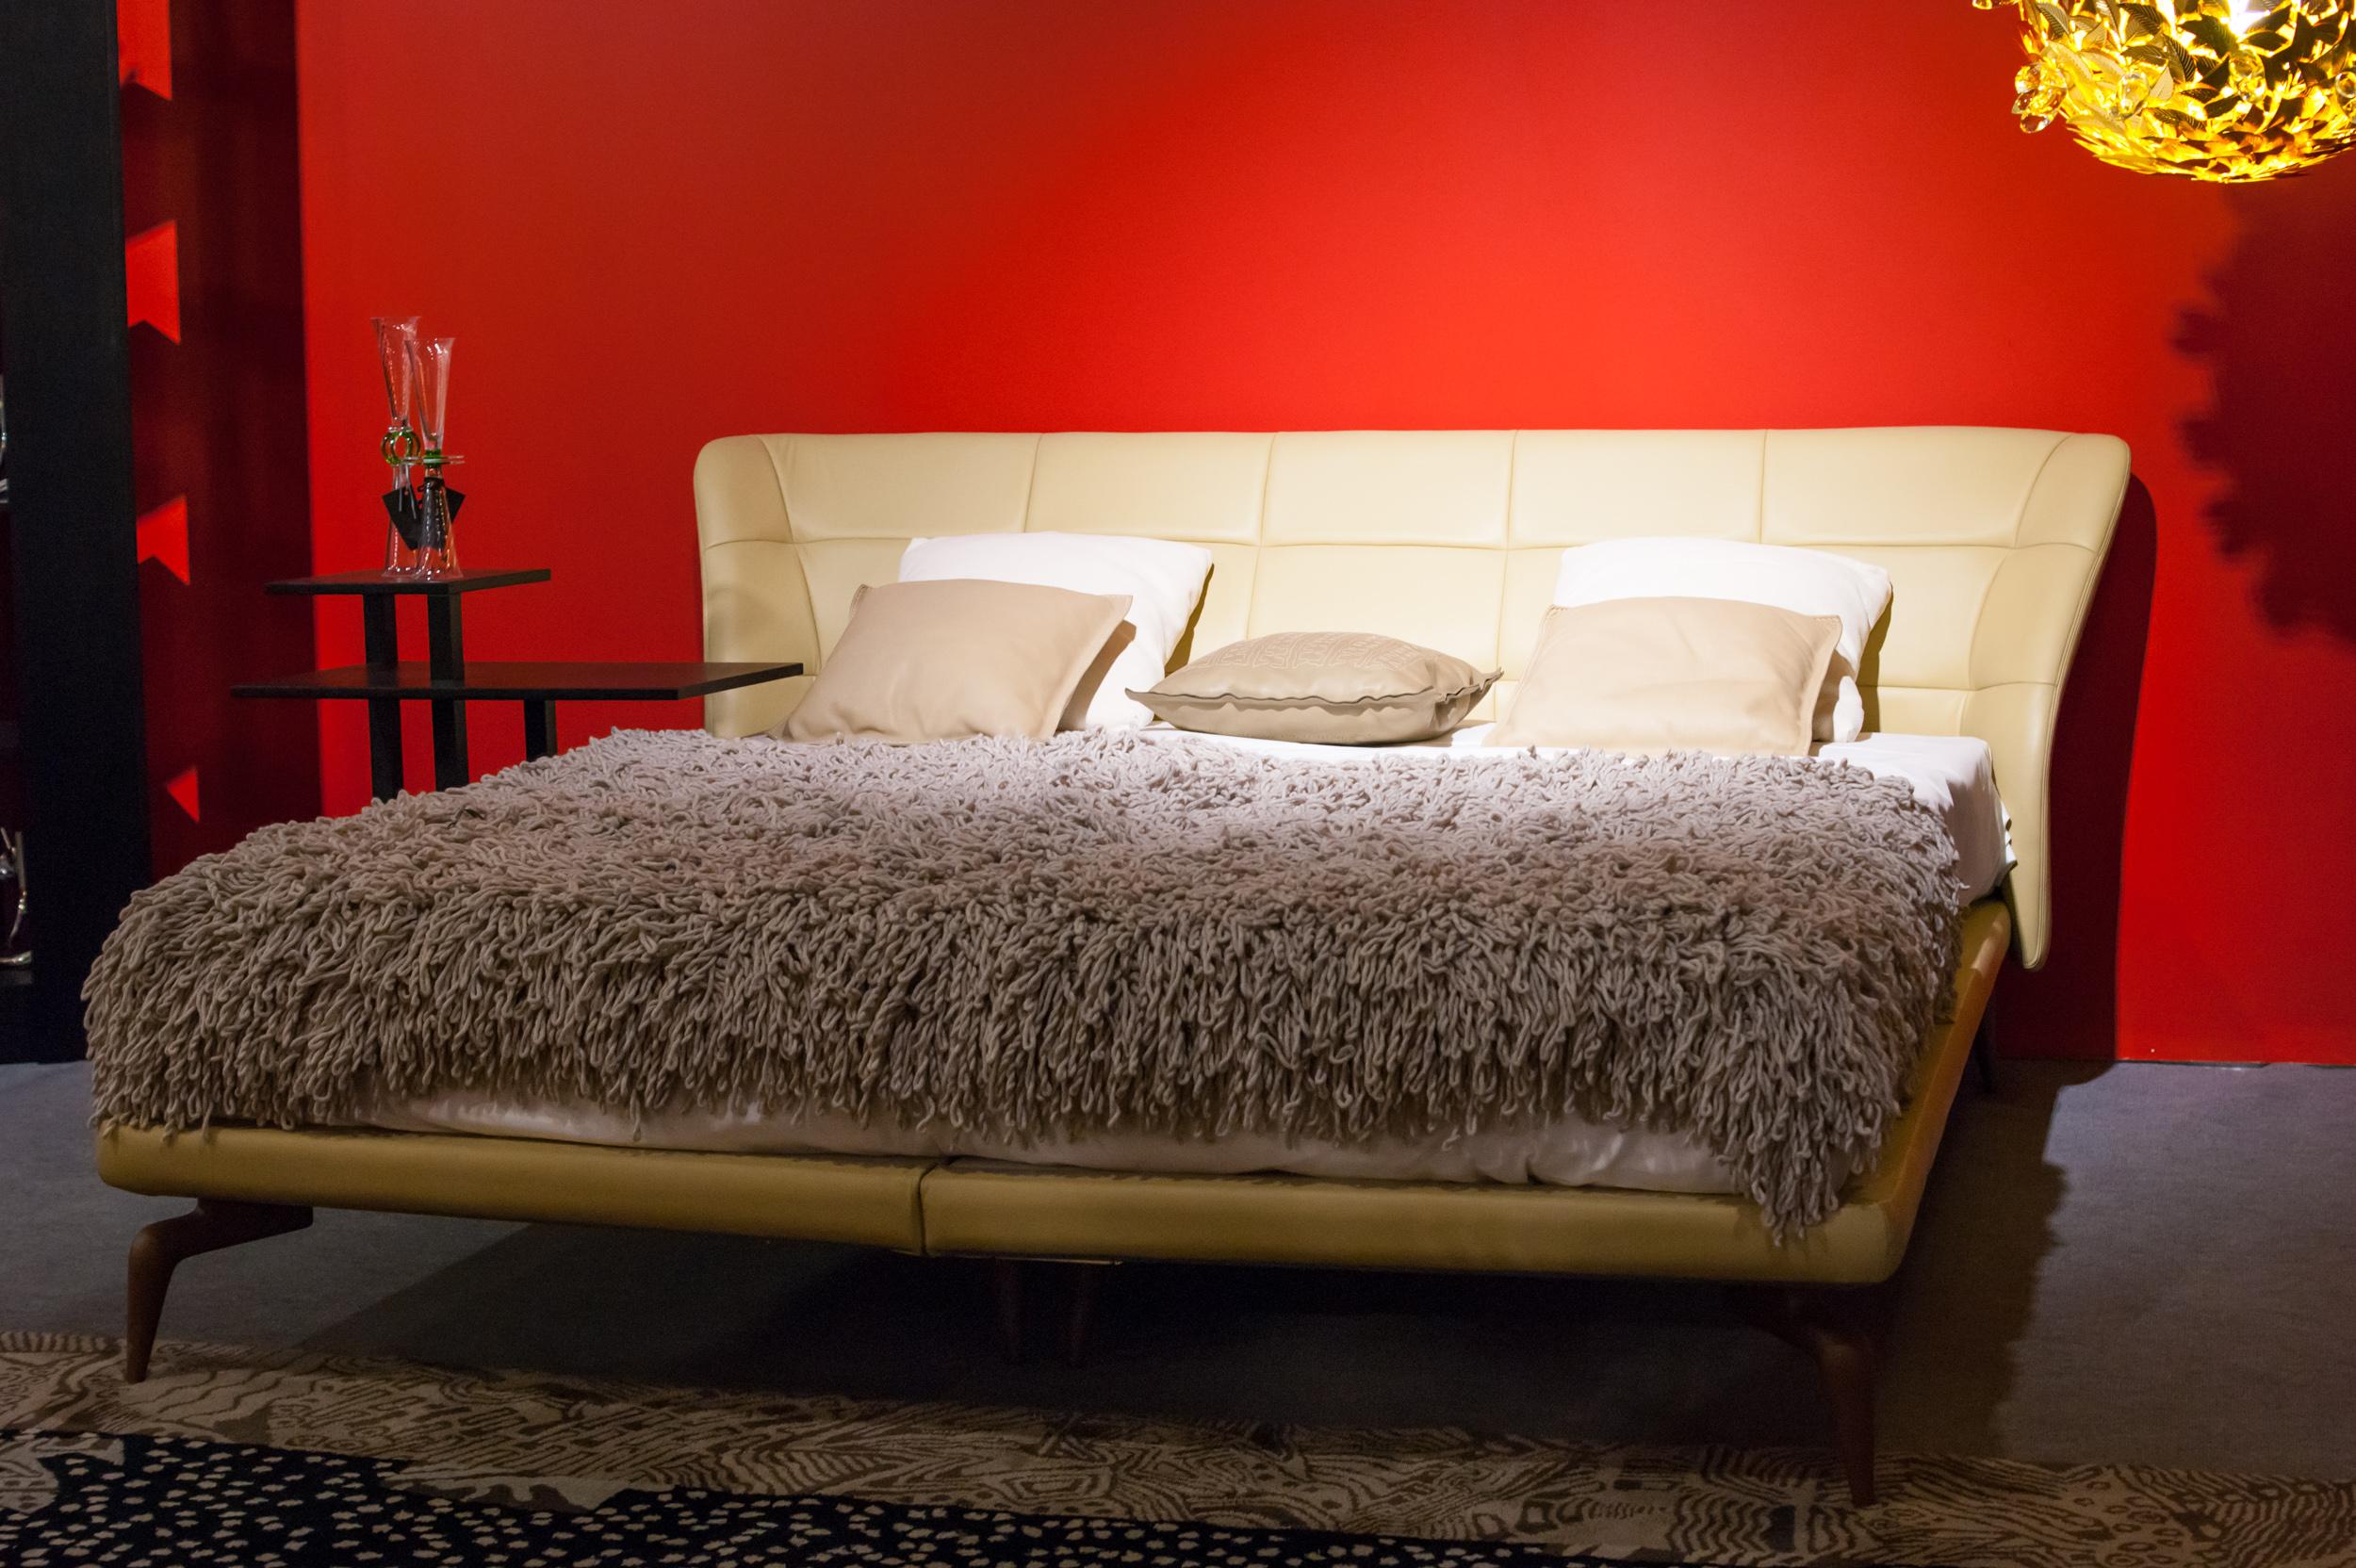 Кровать в красном